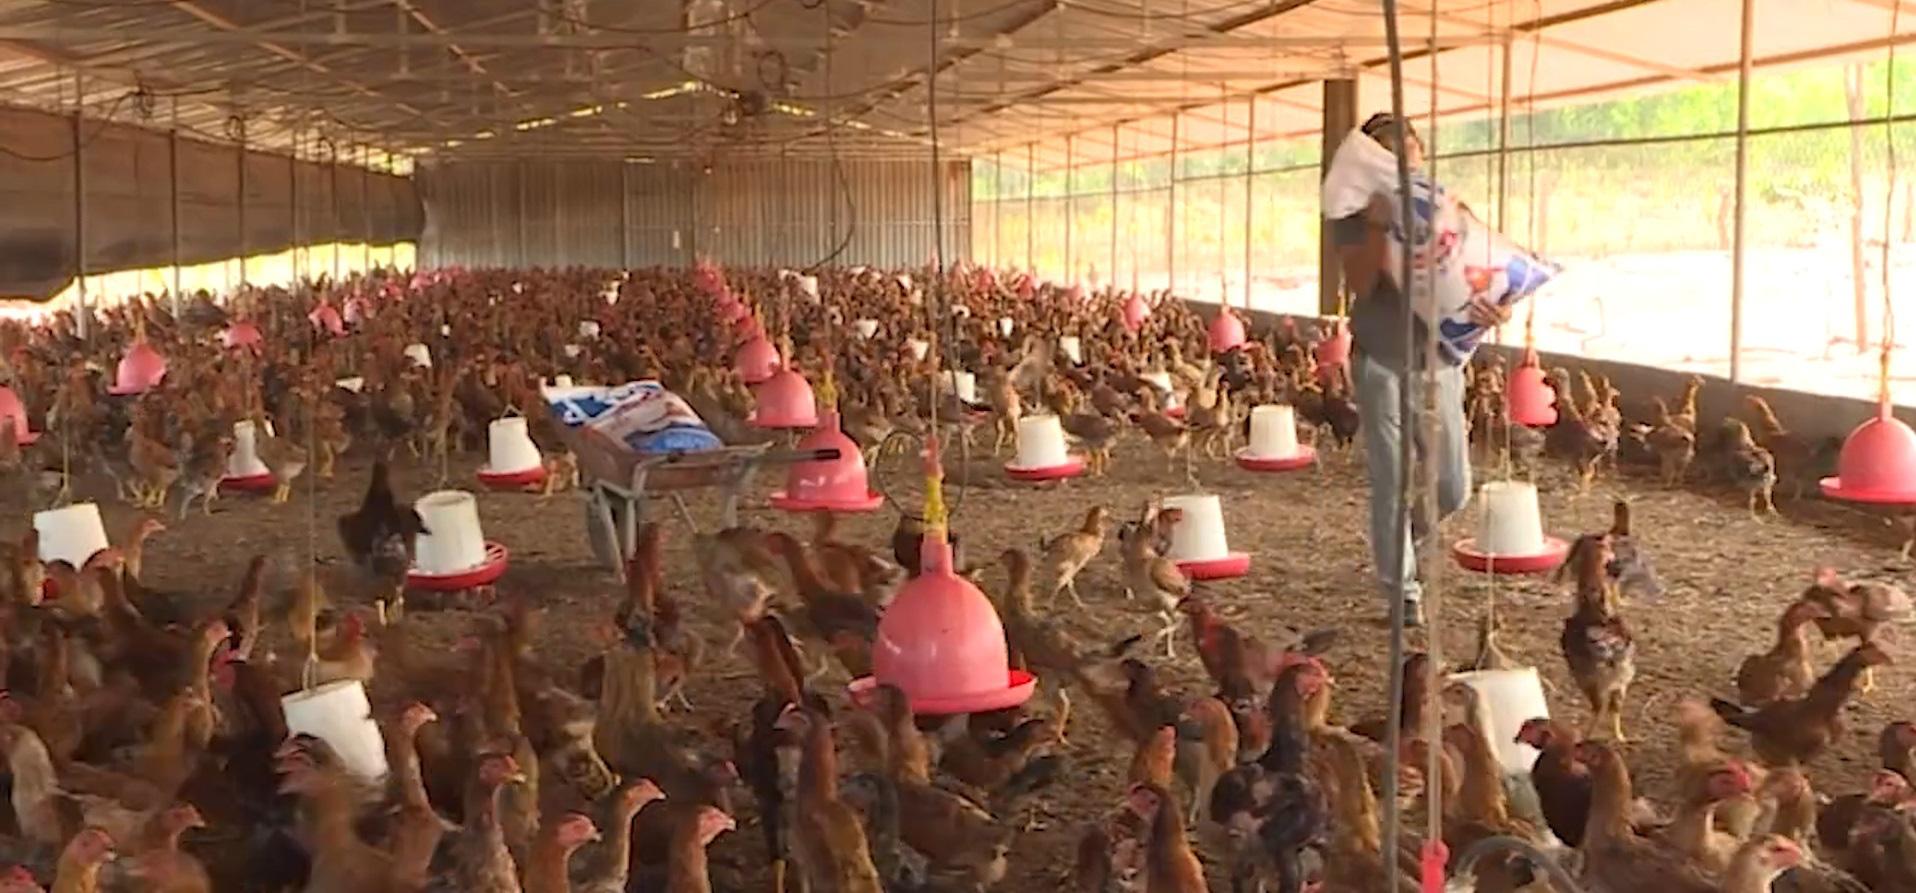 Hiệu quả từ ứng dụng công nghệ sinh học vào chăn nuôi gà - Ảnh 2.